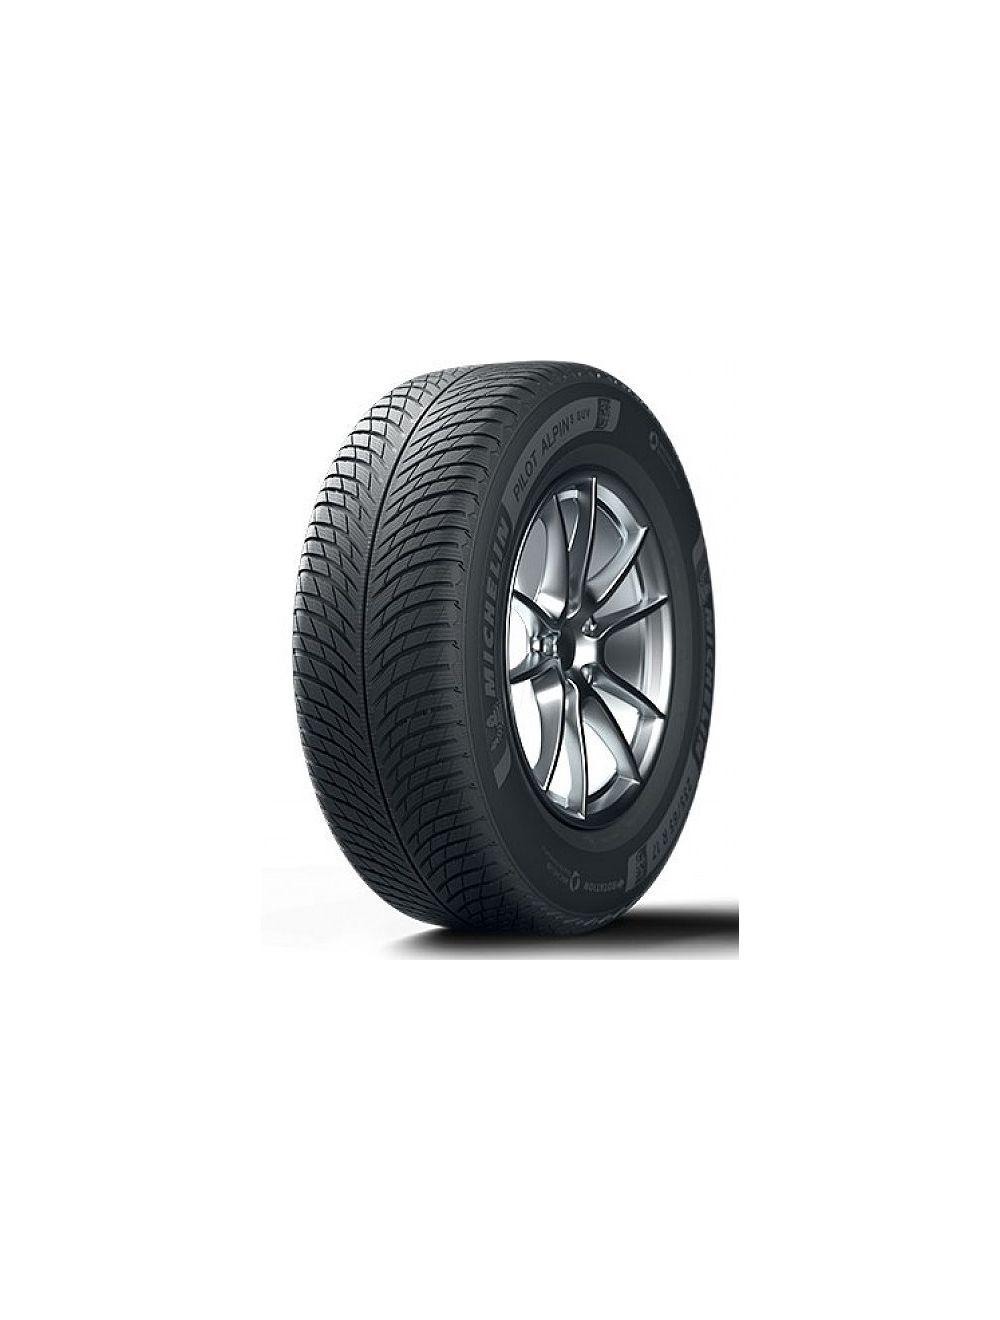 Michelin 225/60R18 H Pilot Alpin 5 SUV XL ZP * Téli gumi